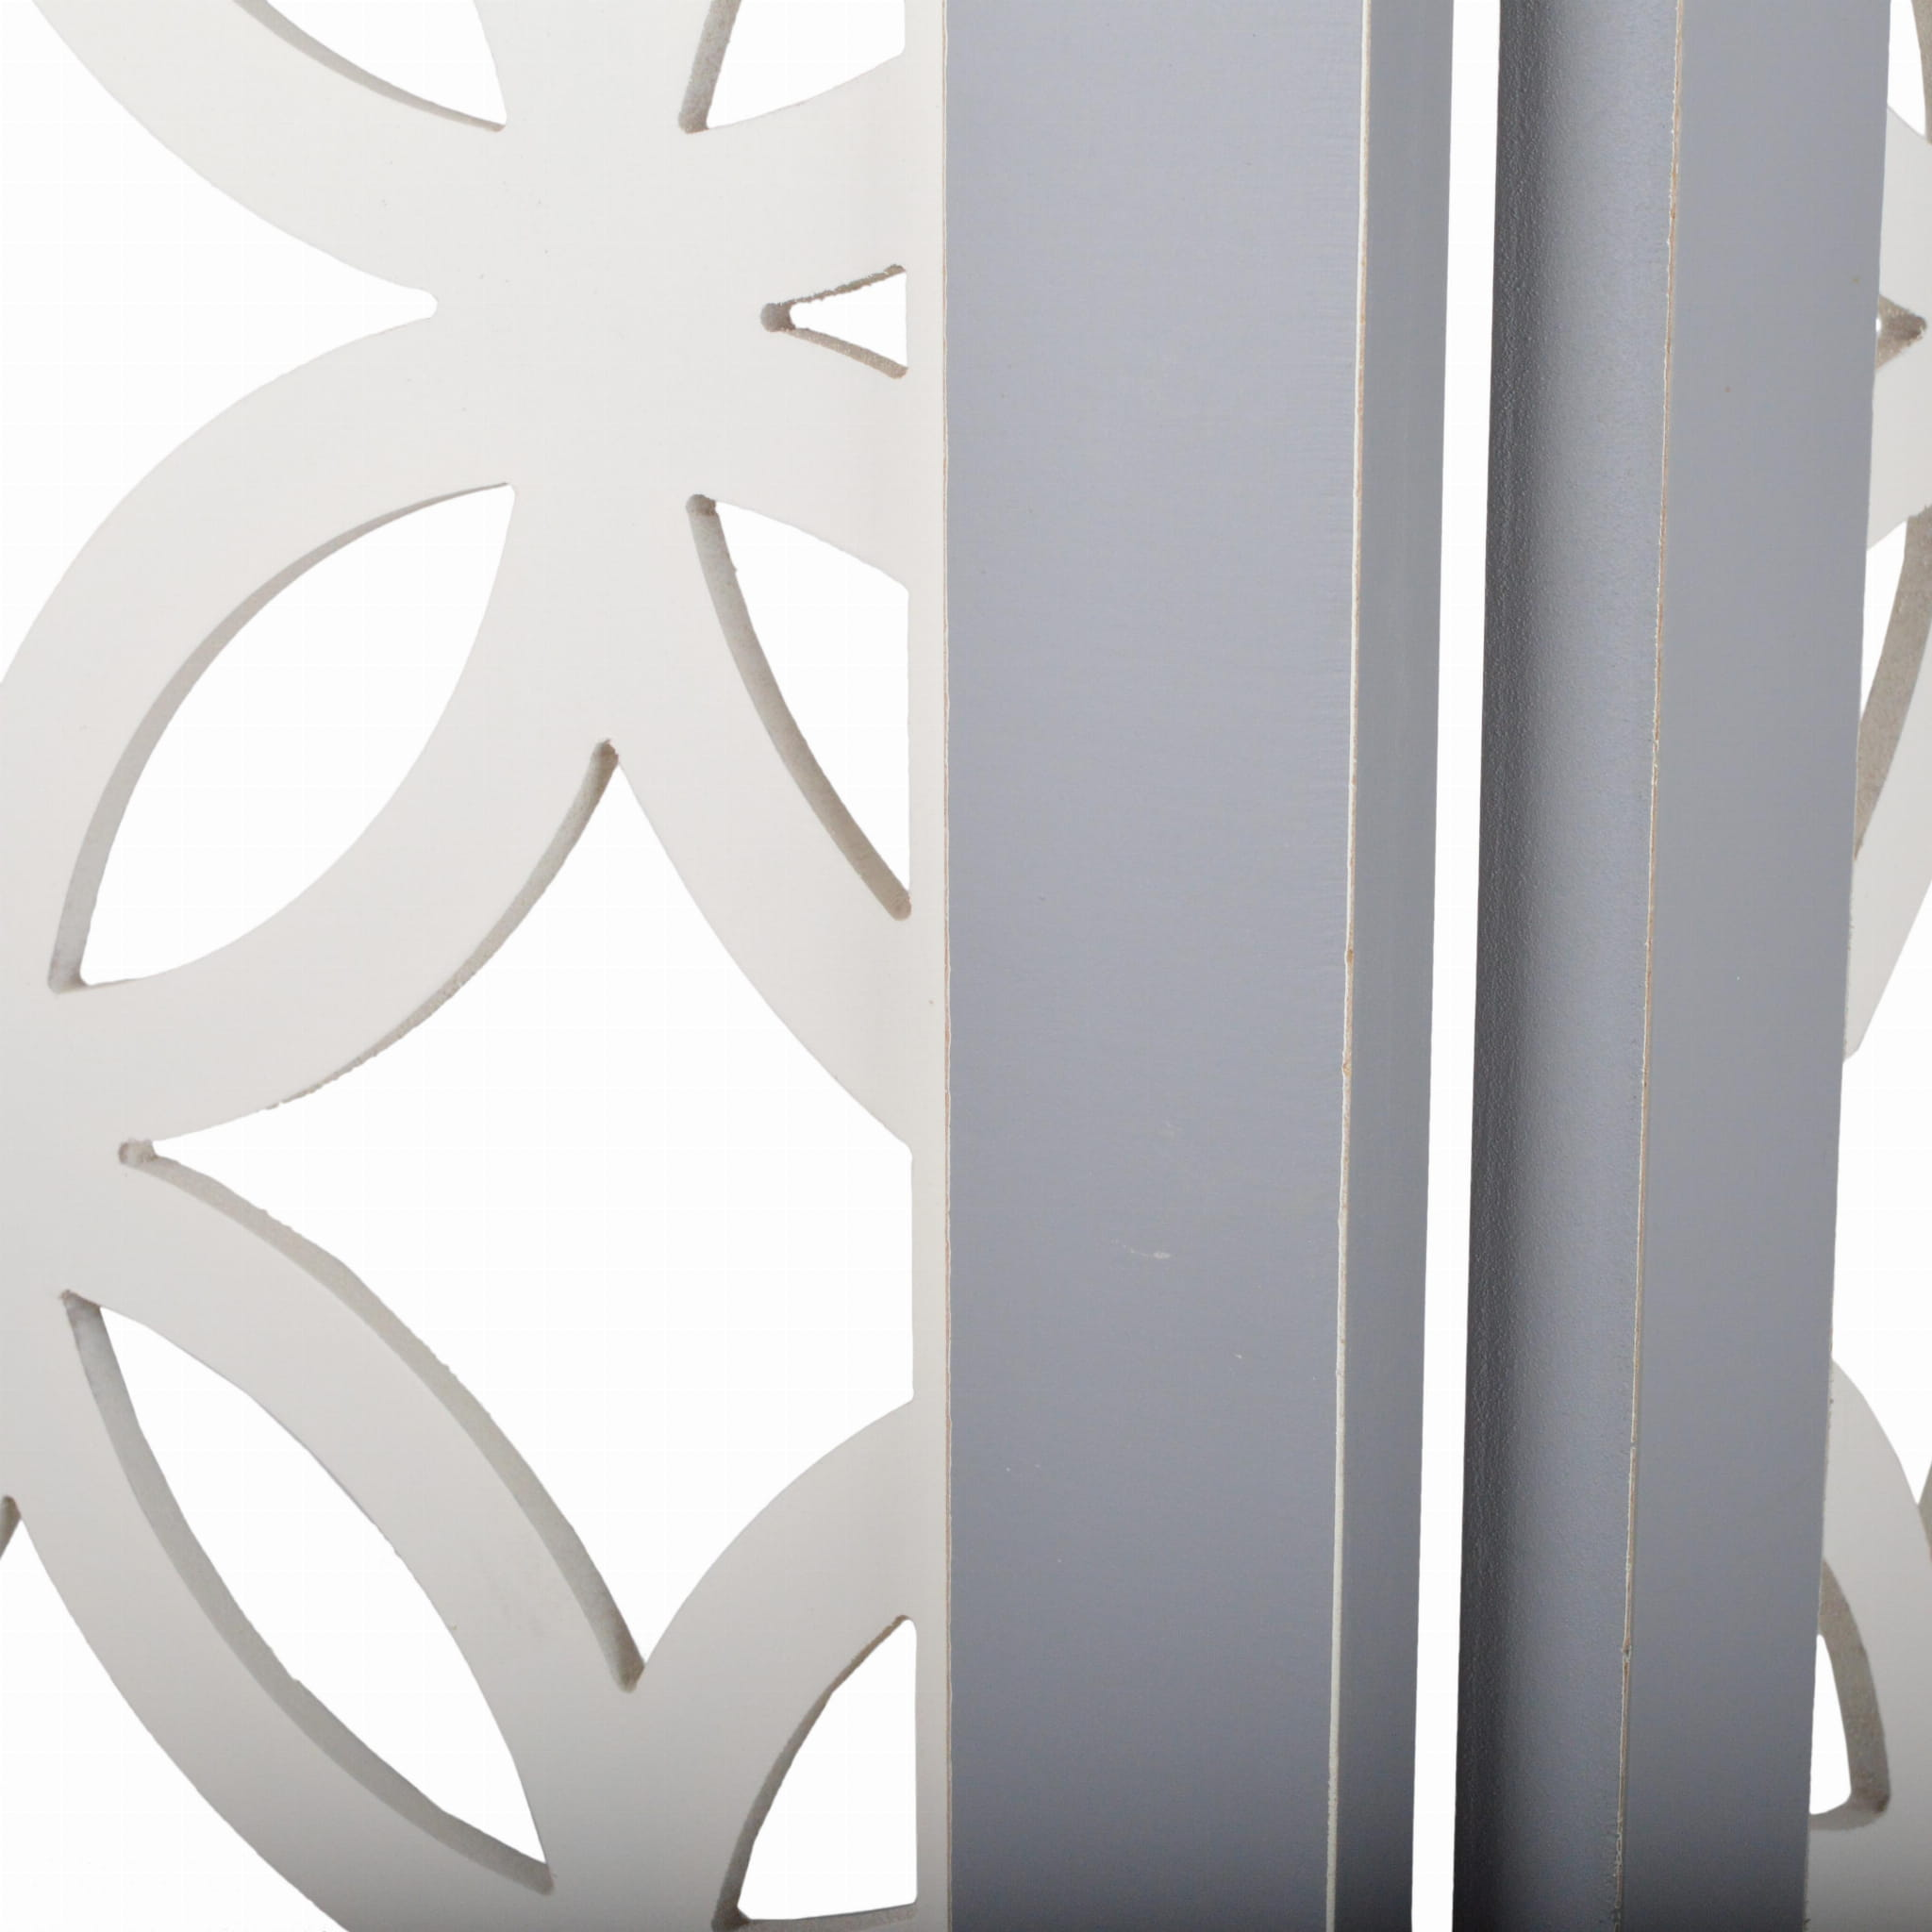 Parawan przecierany ażurowy szaro- biały 120x2,2x180 cm 23